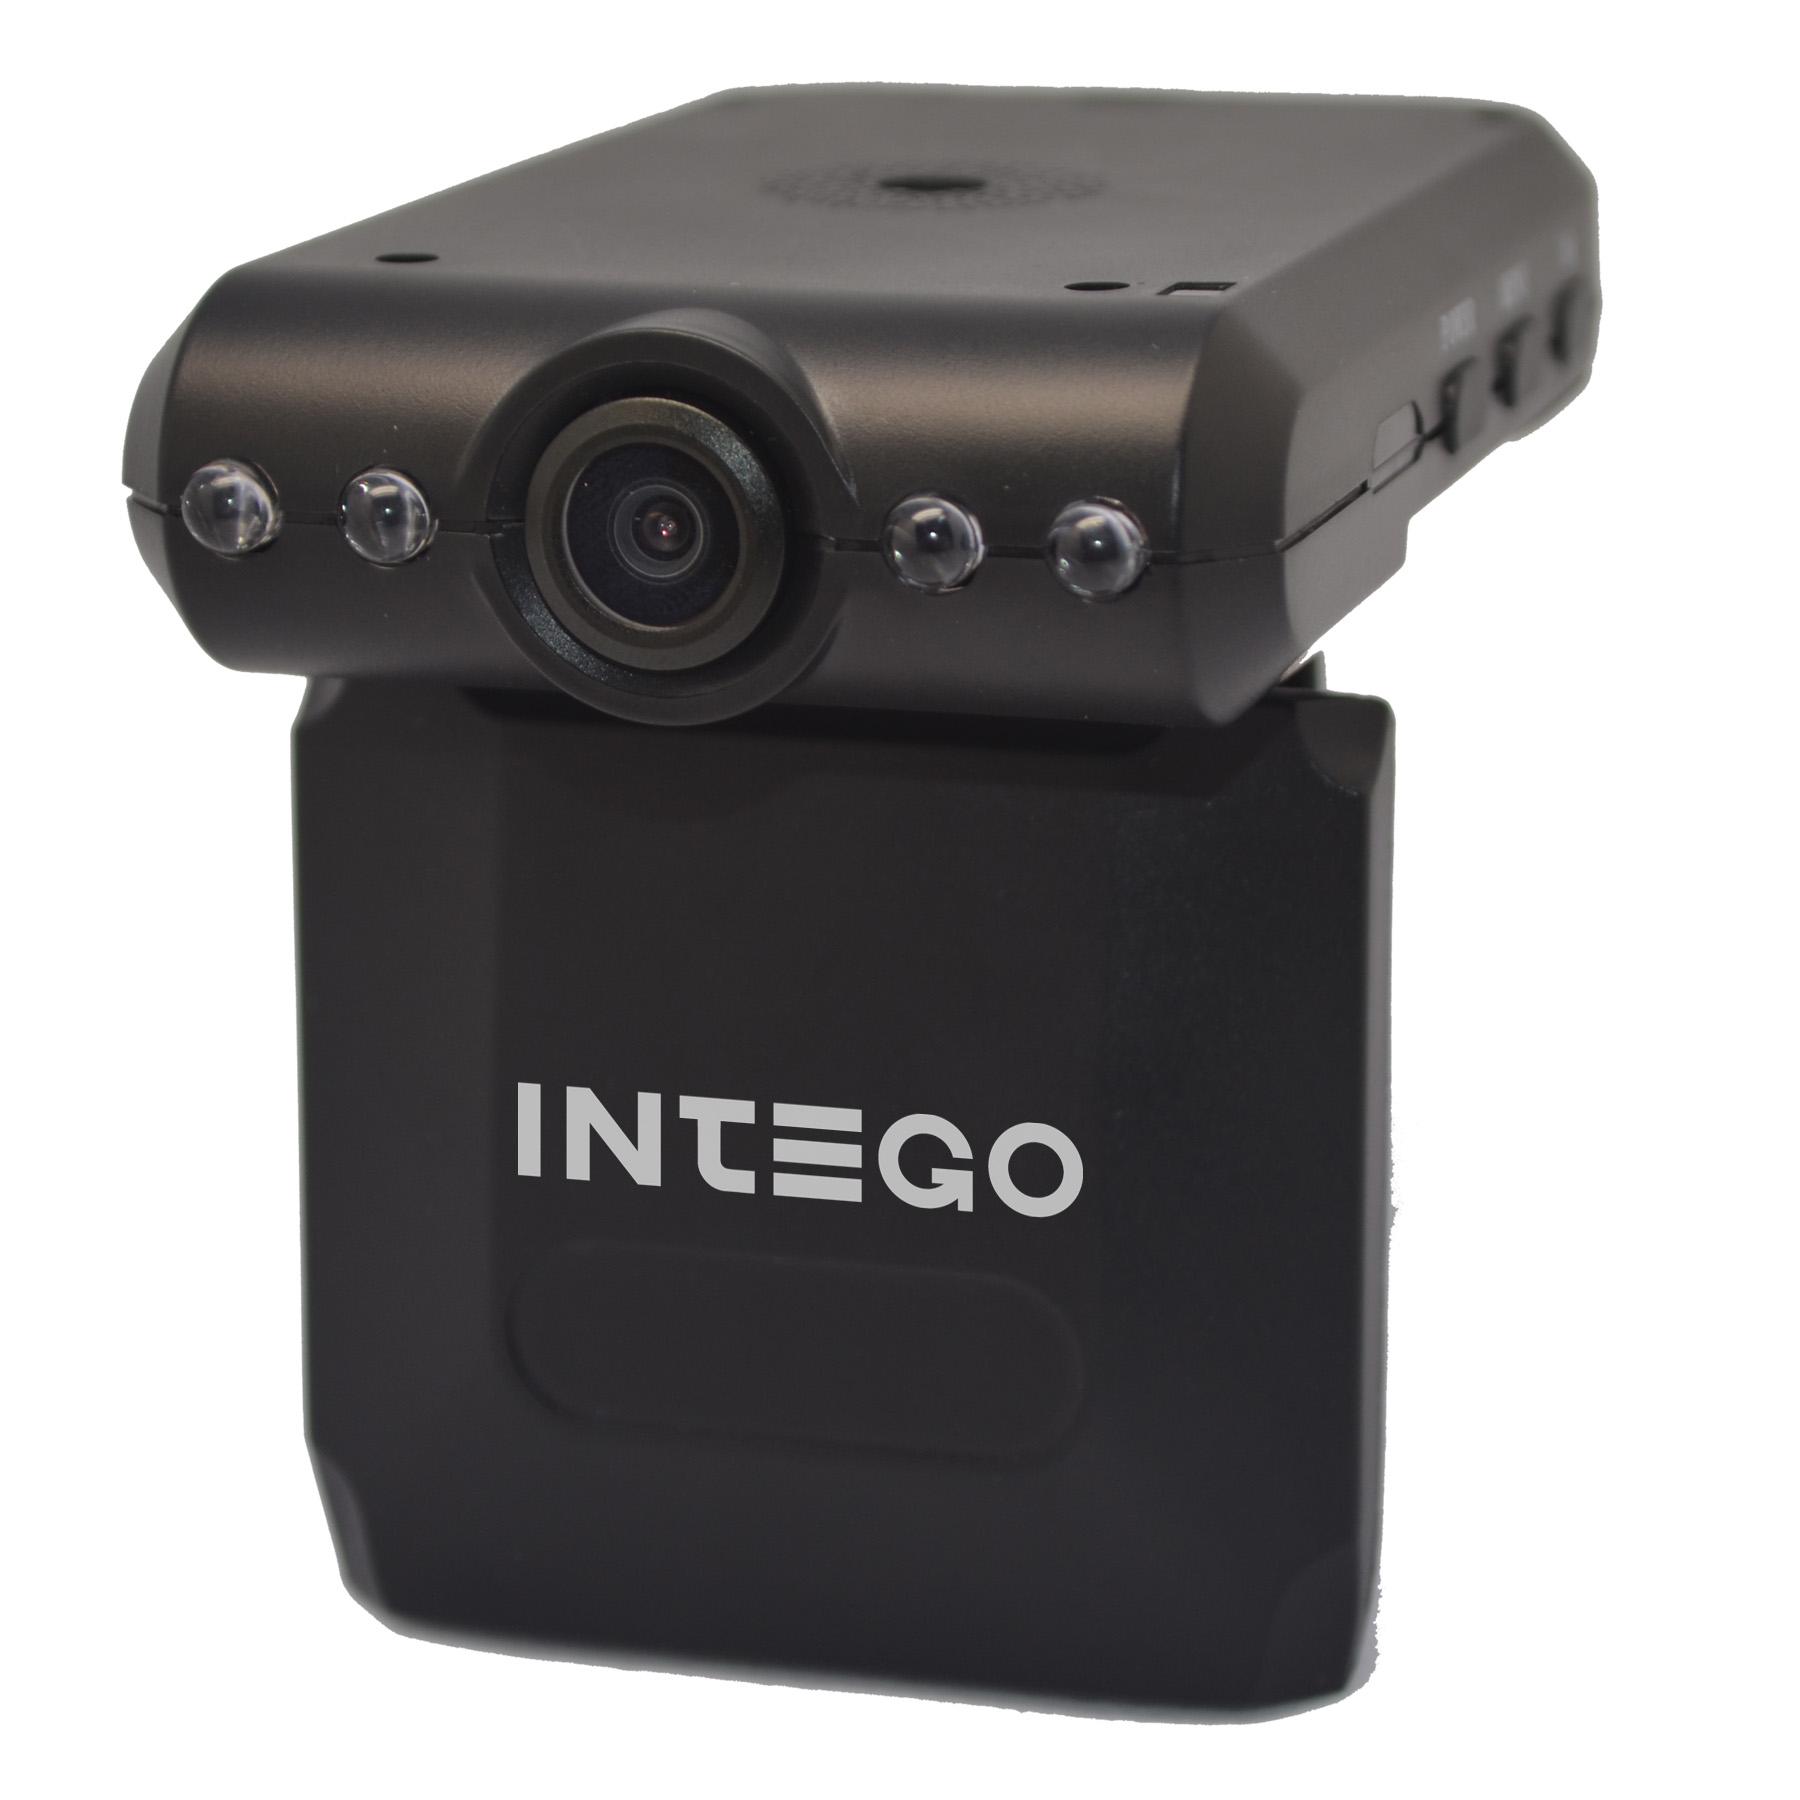 Видеорегистратор Intego VX-120SВидеорегистраторы<br>Самый дешевый видеорегистратор с подсветкой и откидным экраном имееющий все необходимые функции.<br>